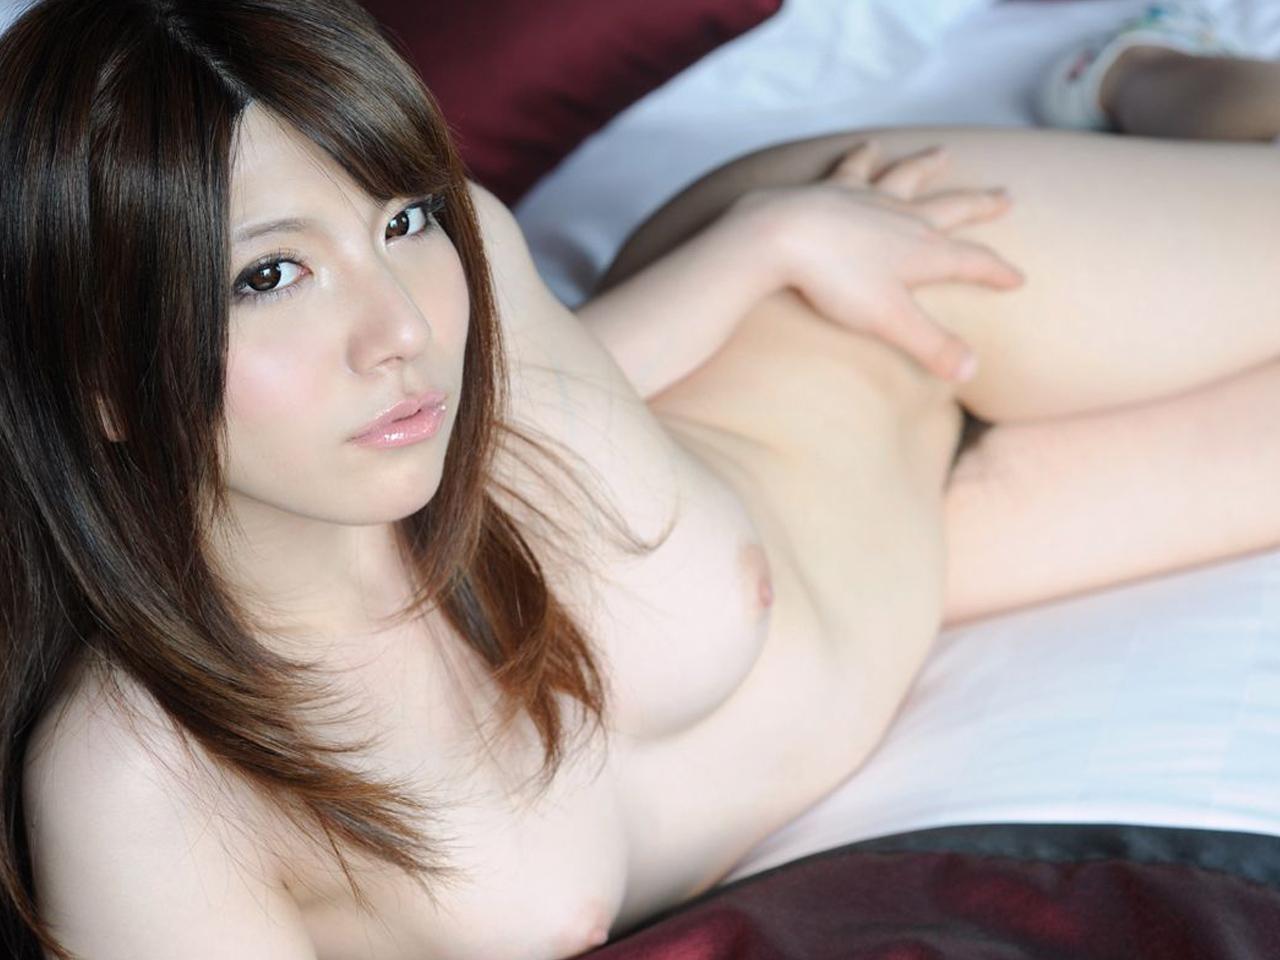 壁紙 待受画面 オナネタ 抜ける 美女 エロ画像【28】